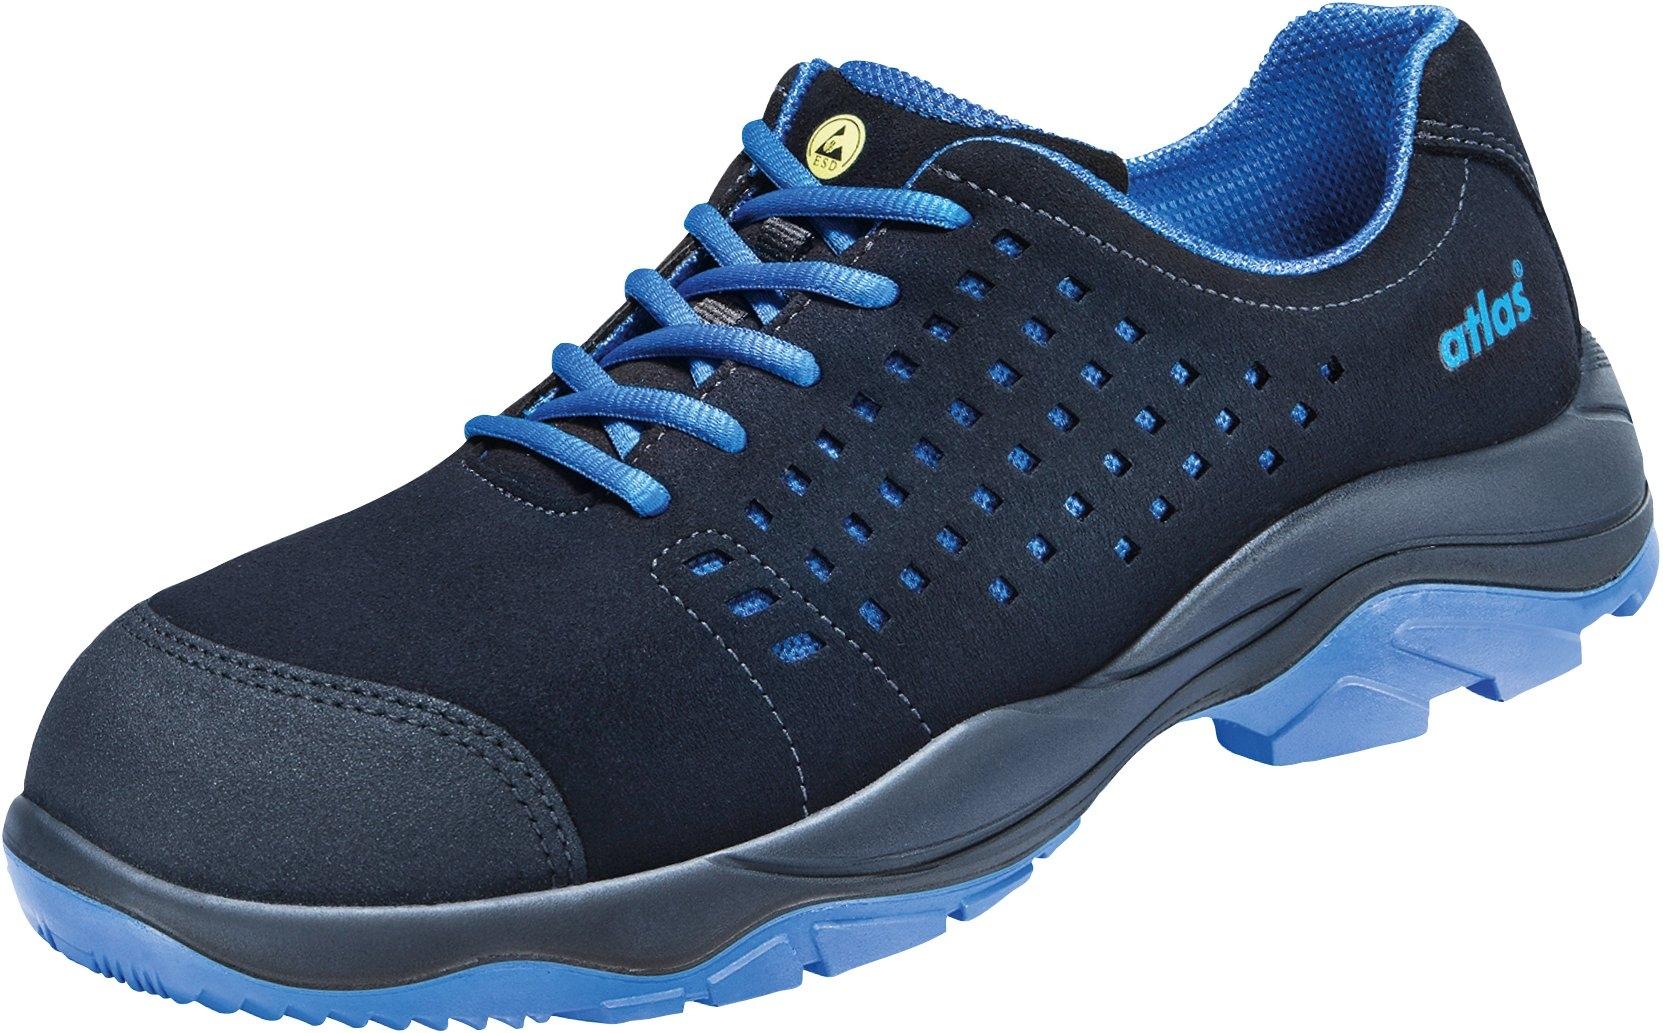 Atlas Schuhe veiligheidsschoenen »SL 40 blue« in de webshop van OTTO kopen